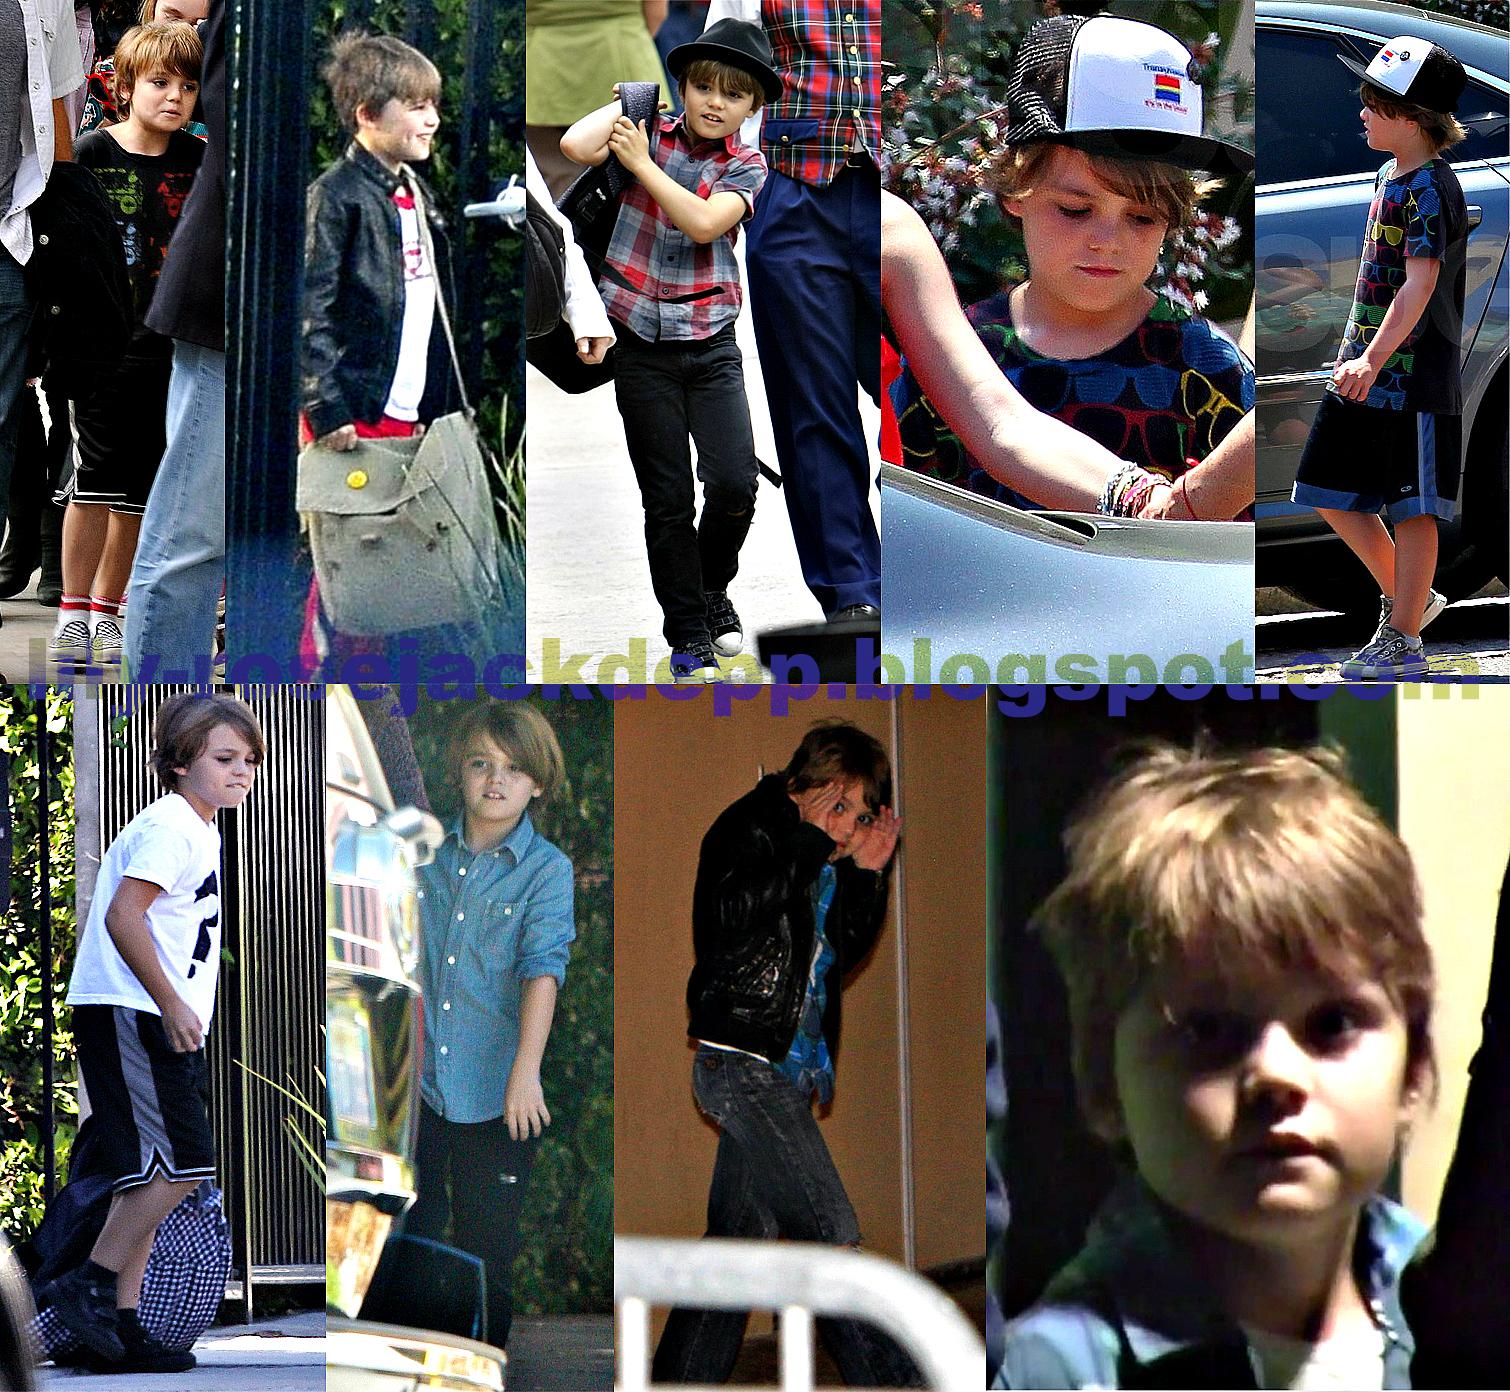 http://2.bp.blogspot.com/-3t4oc9P48xQ/TwMHiAWdRdI/AAAAAAAAICE/l-8SuVCnFBc/s1600/jac2011-1.jpg